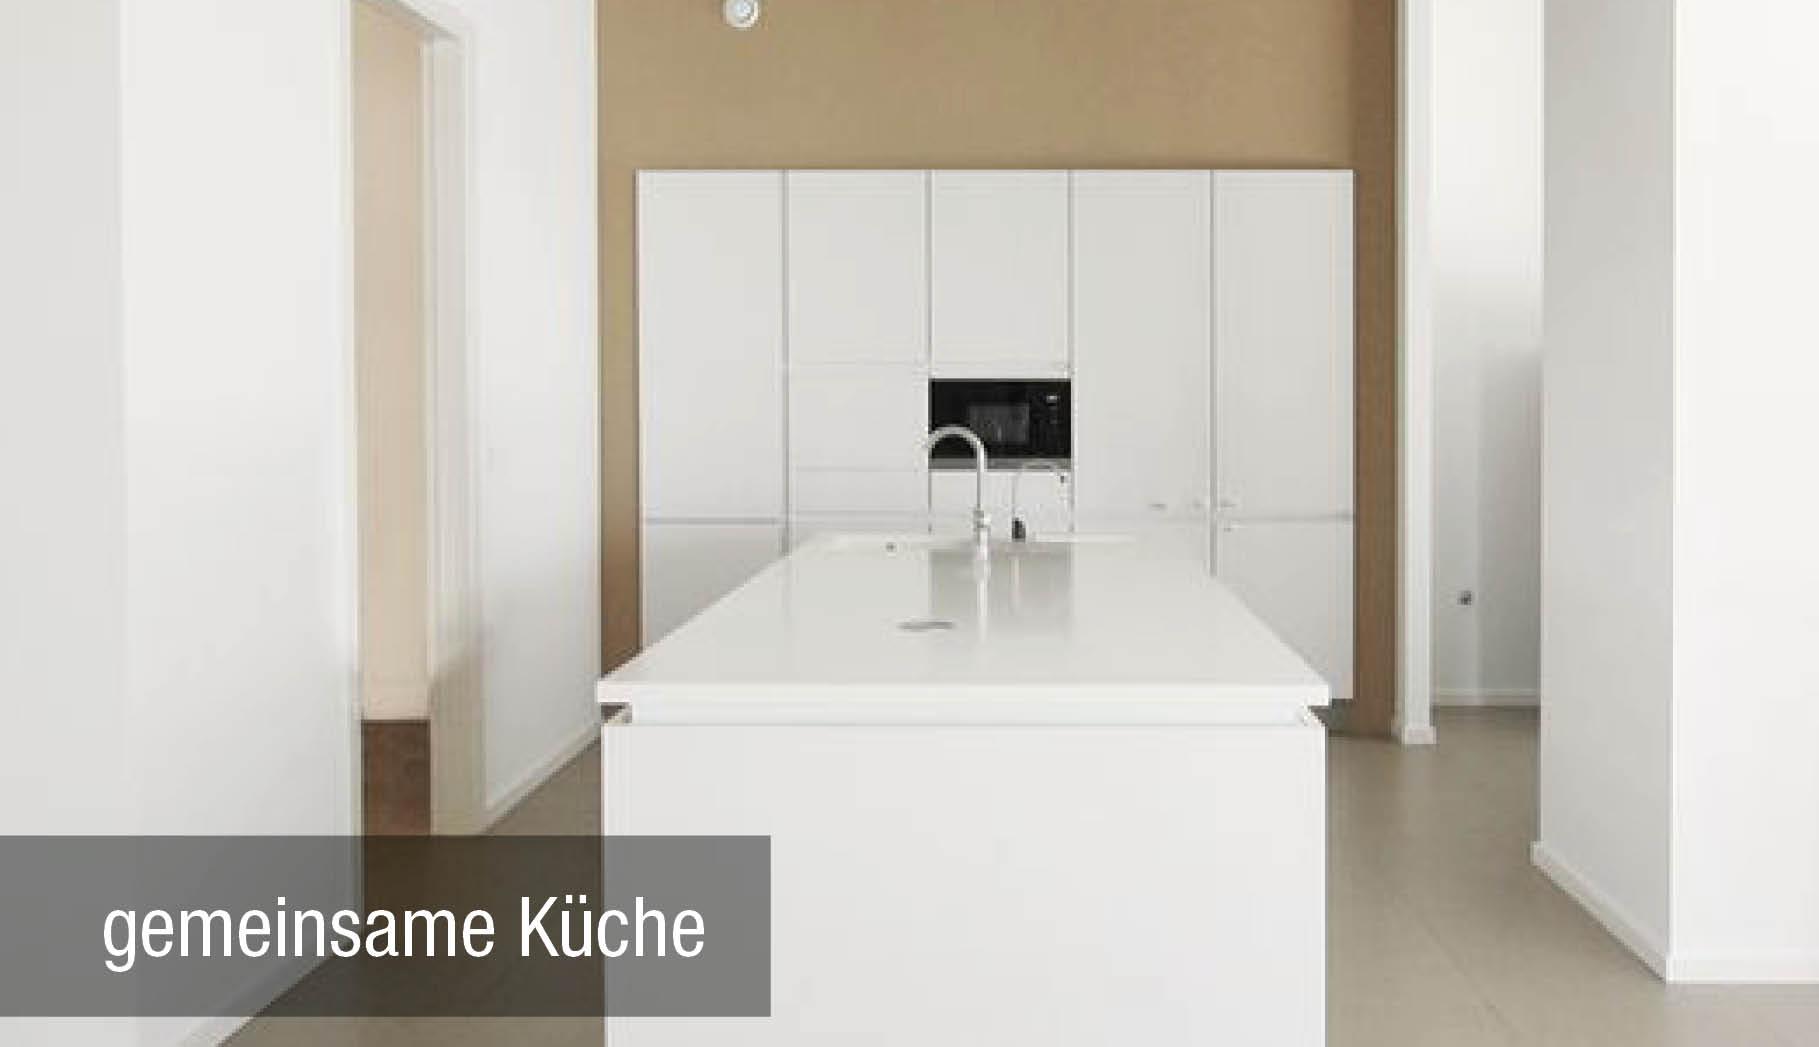 Neubau gemeinsame Küche